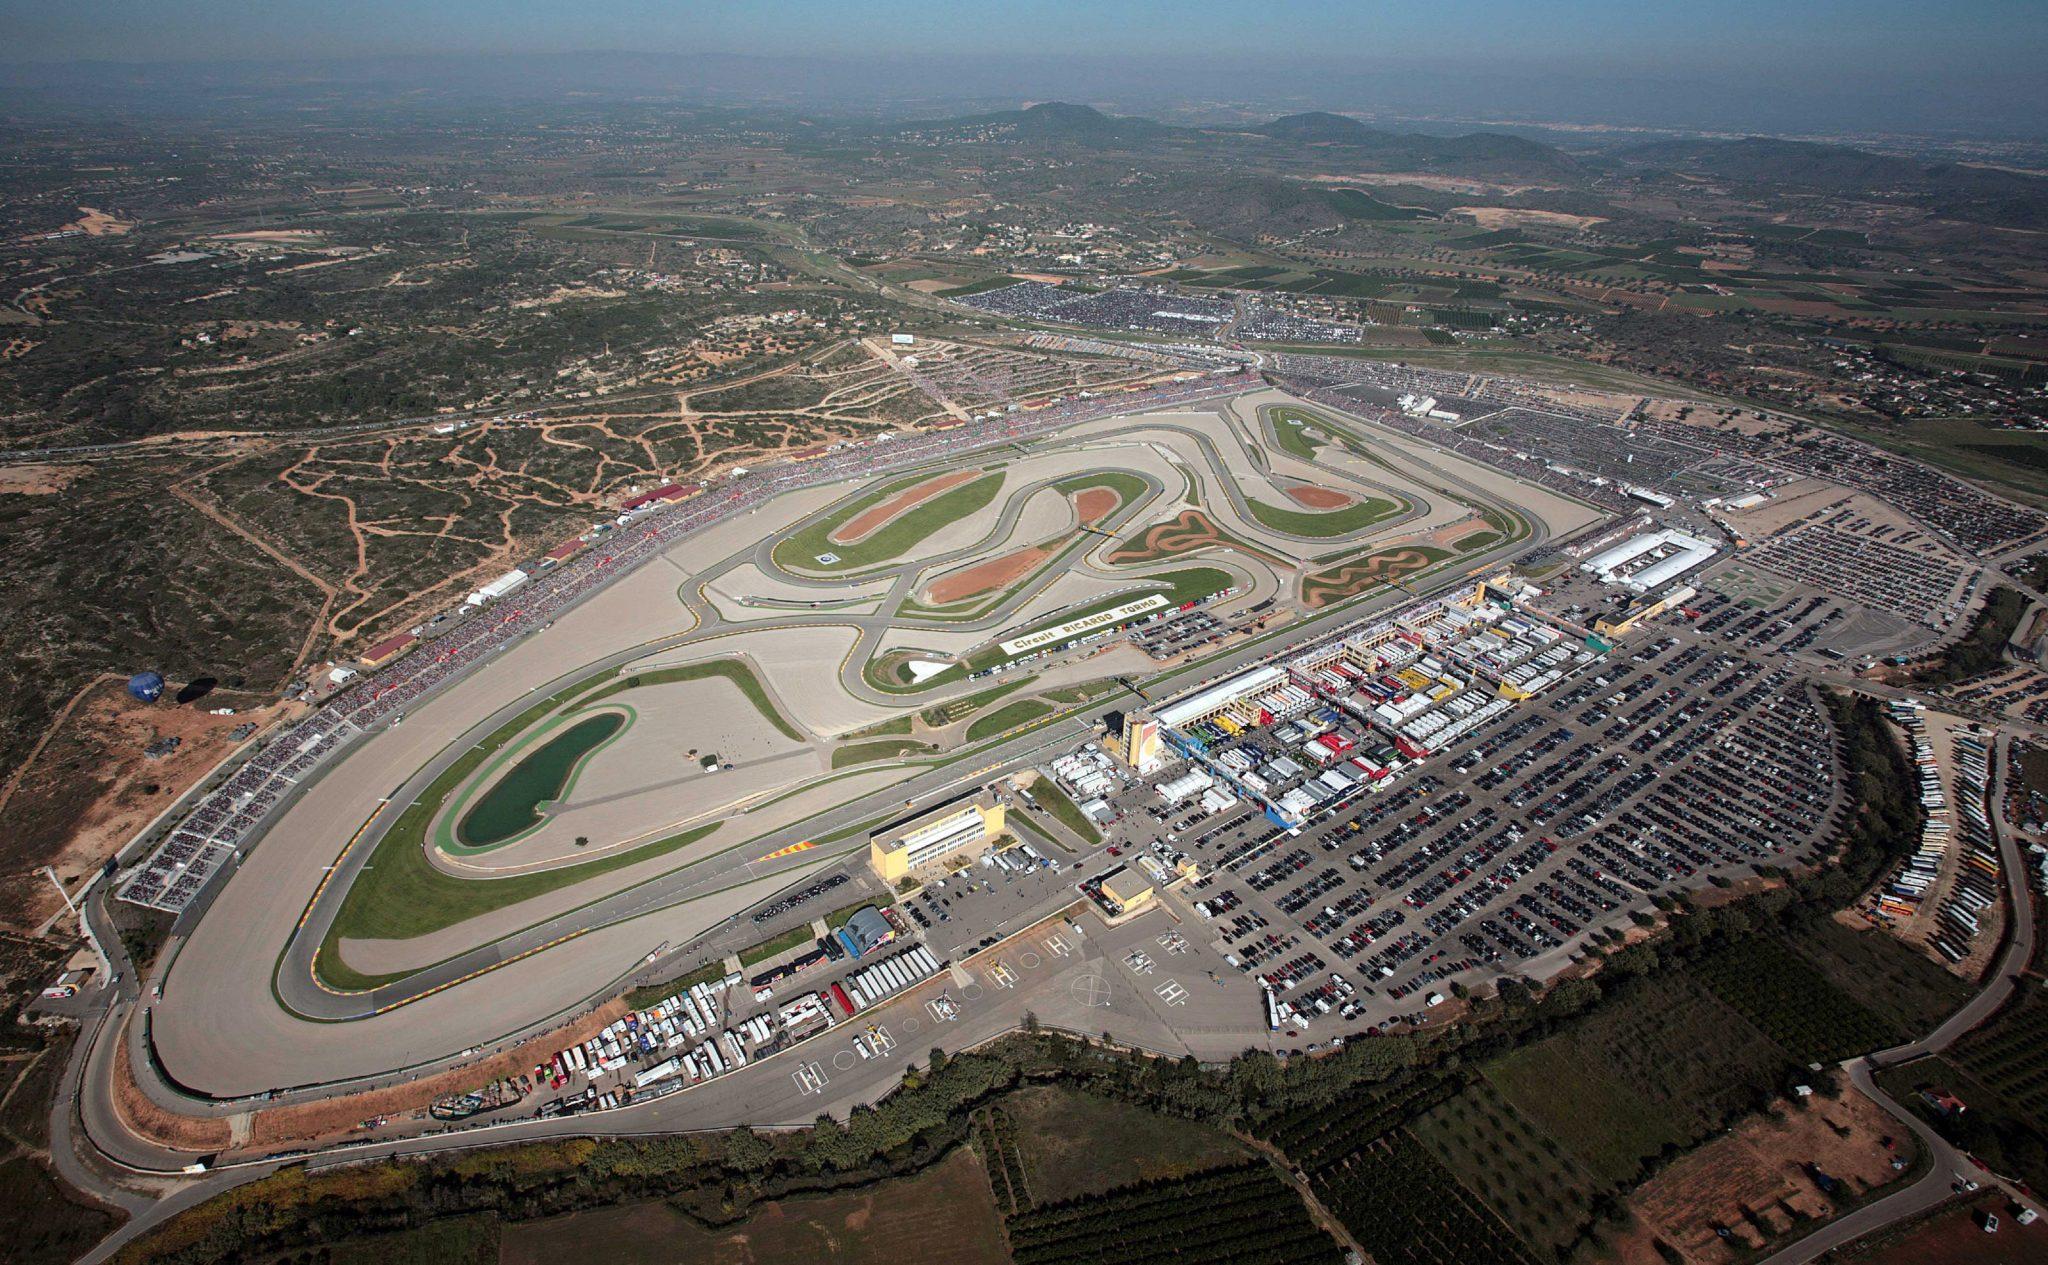 Circuito Ricardo Tormo (Valencia)